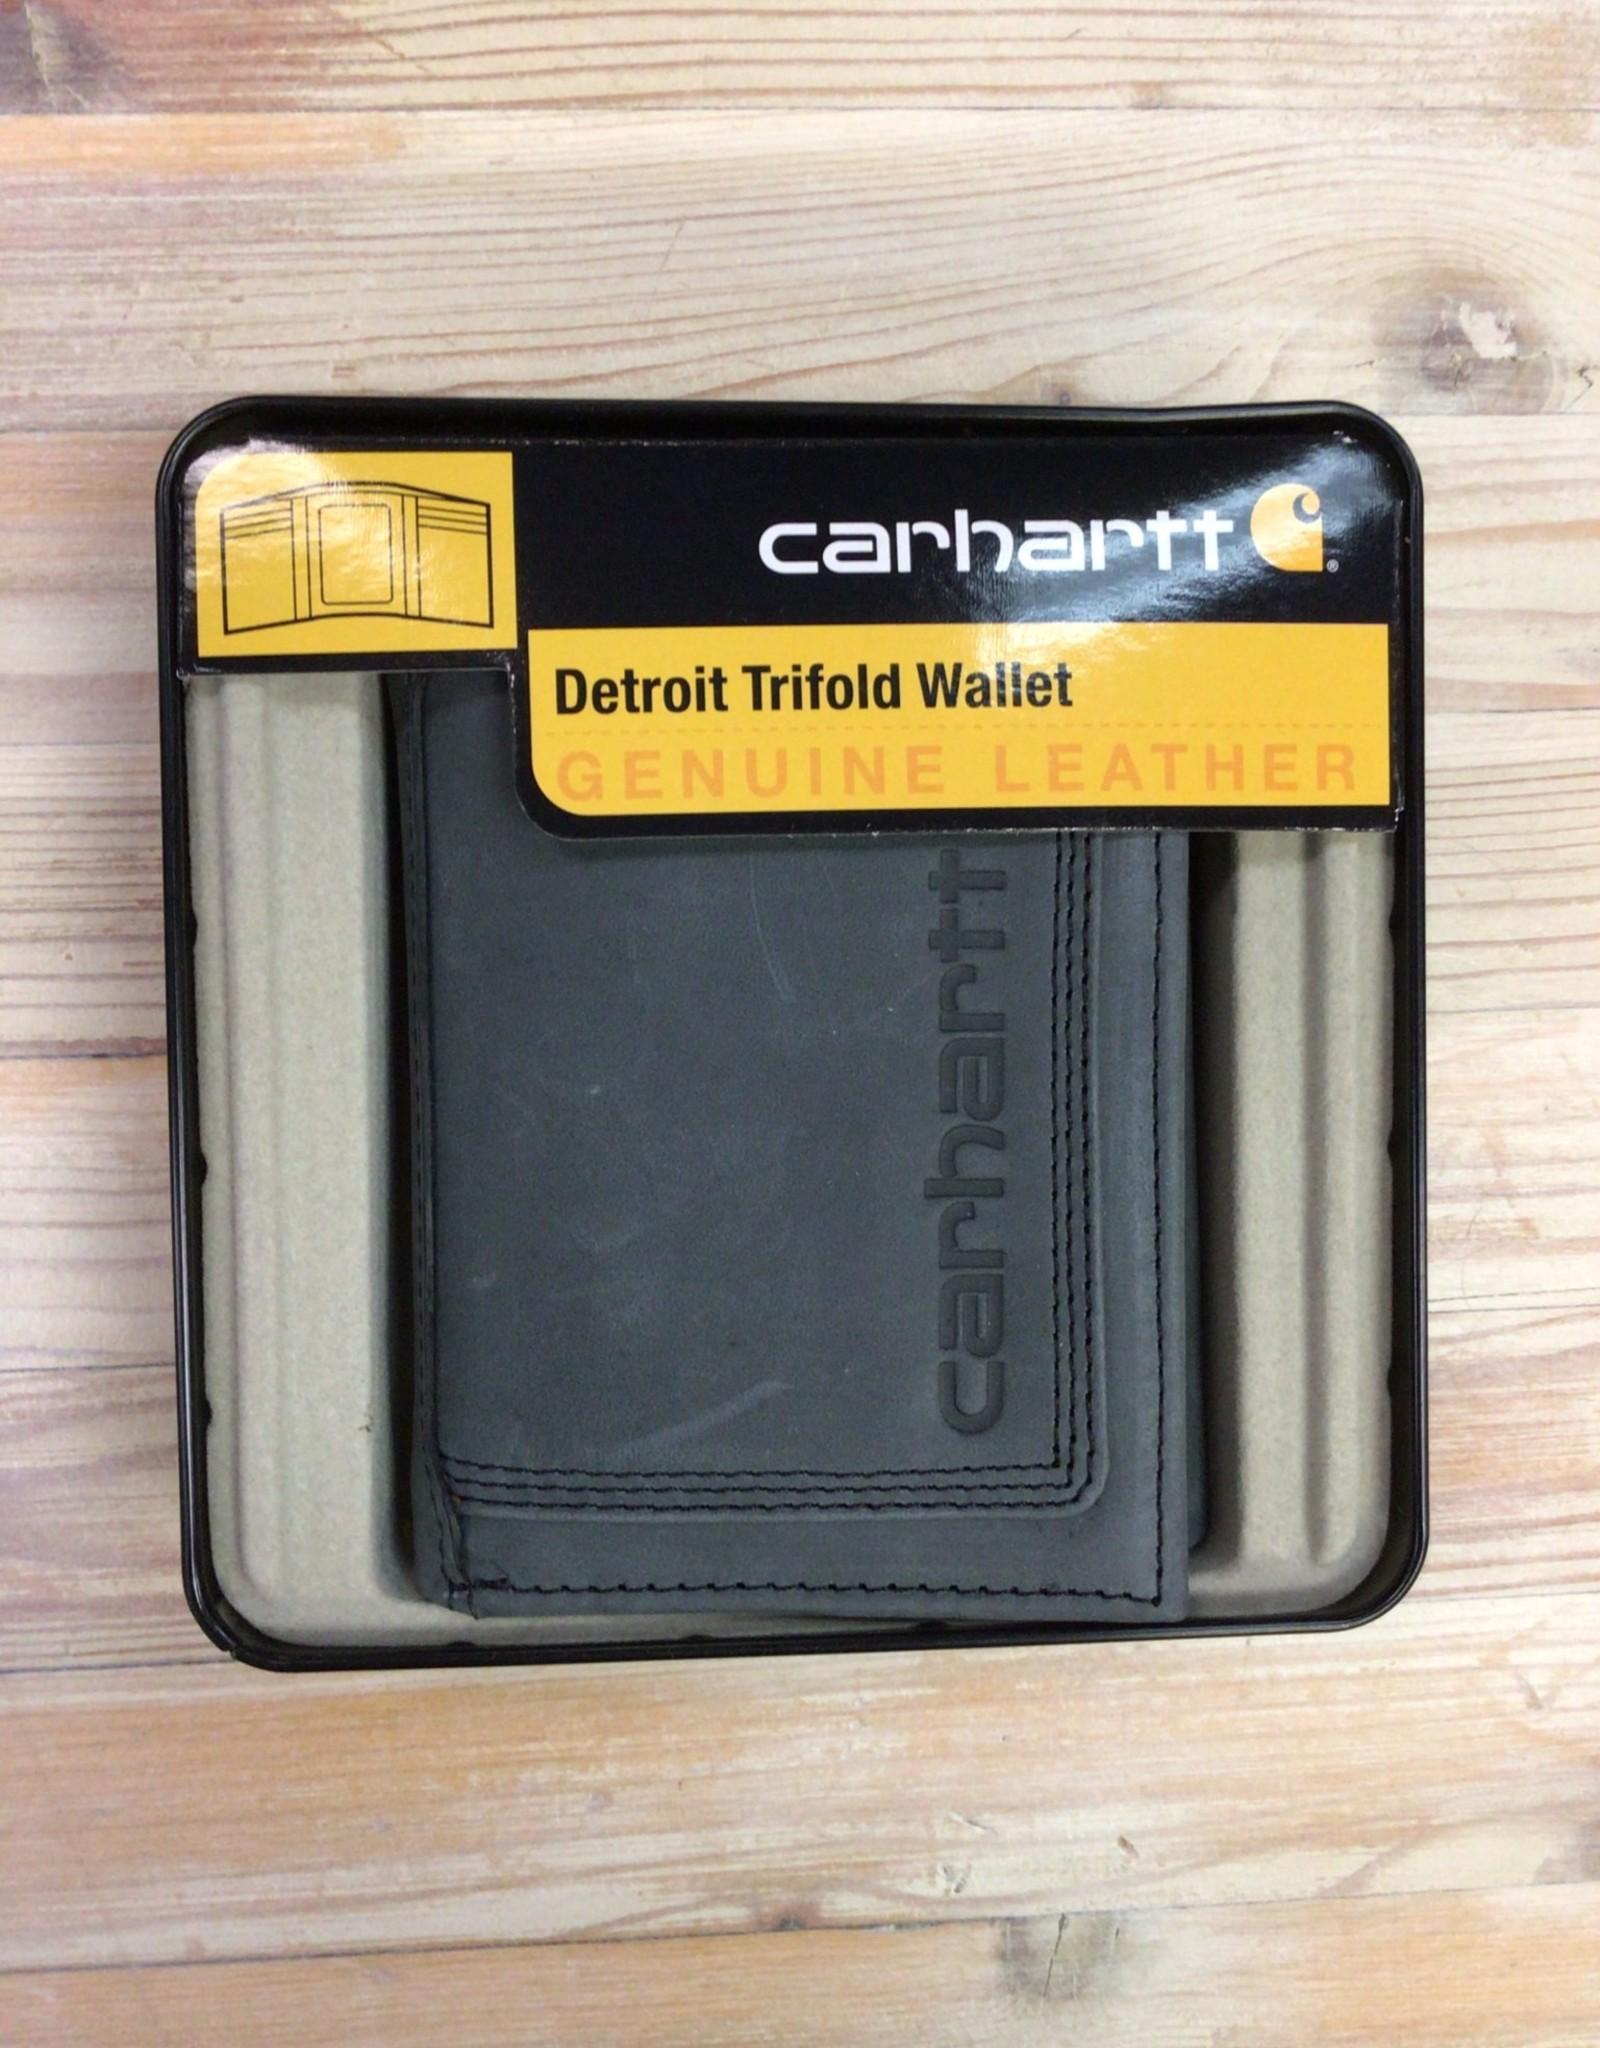 Carhartt Carhartt Detroit Trifold Wallet